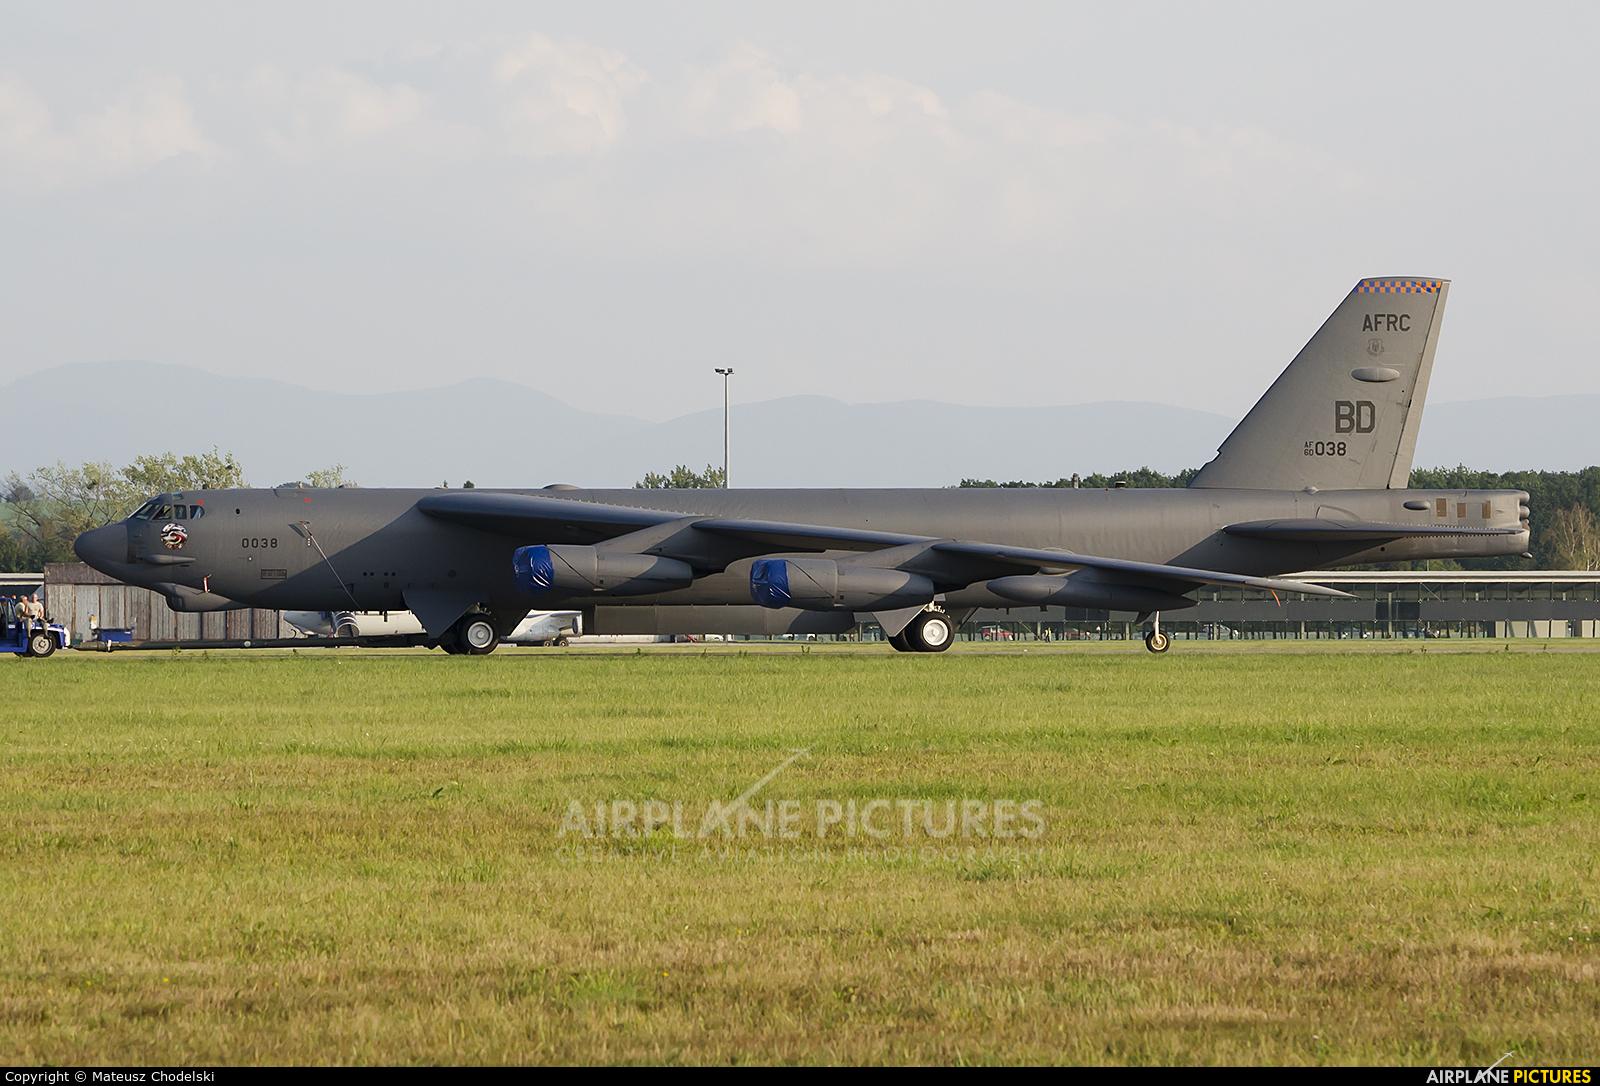 USA - Air Force 60-0038 aircraft at Ostrava Mošnov